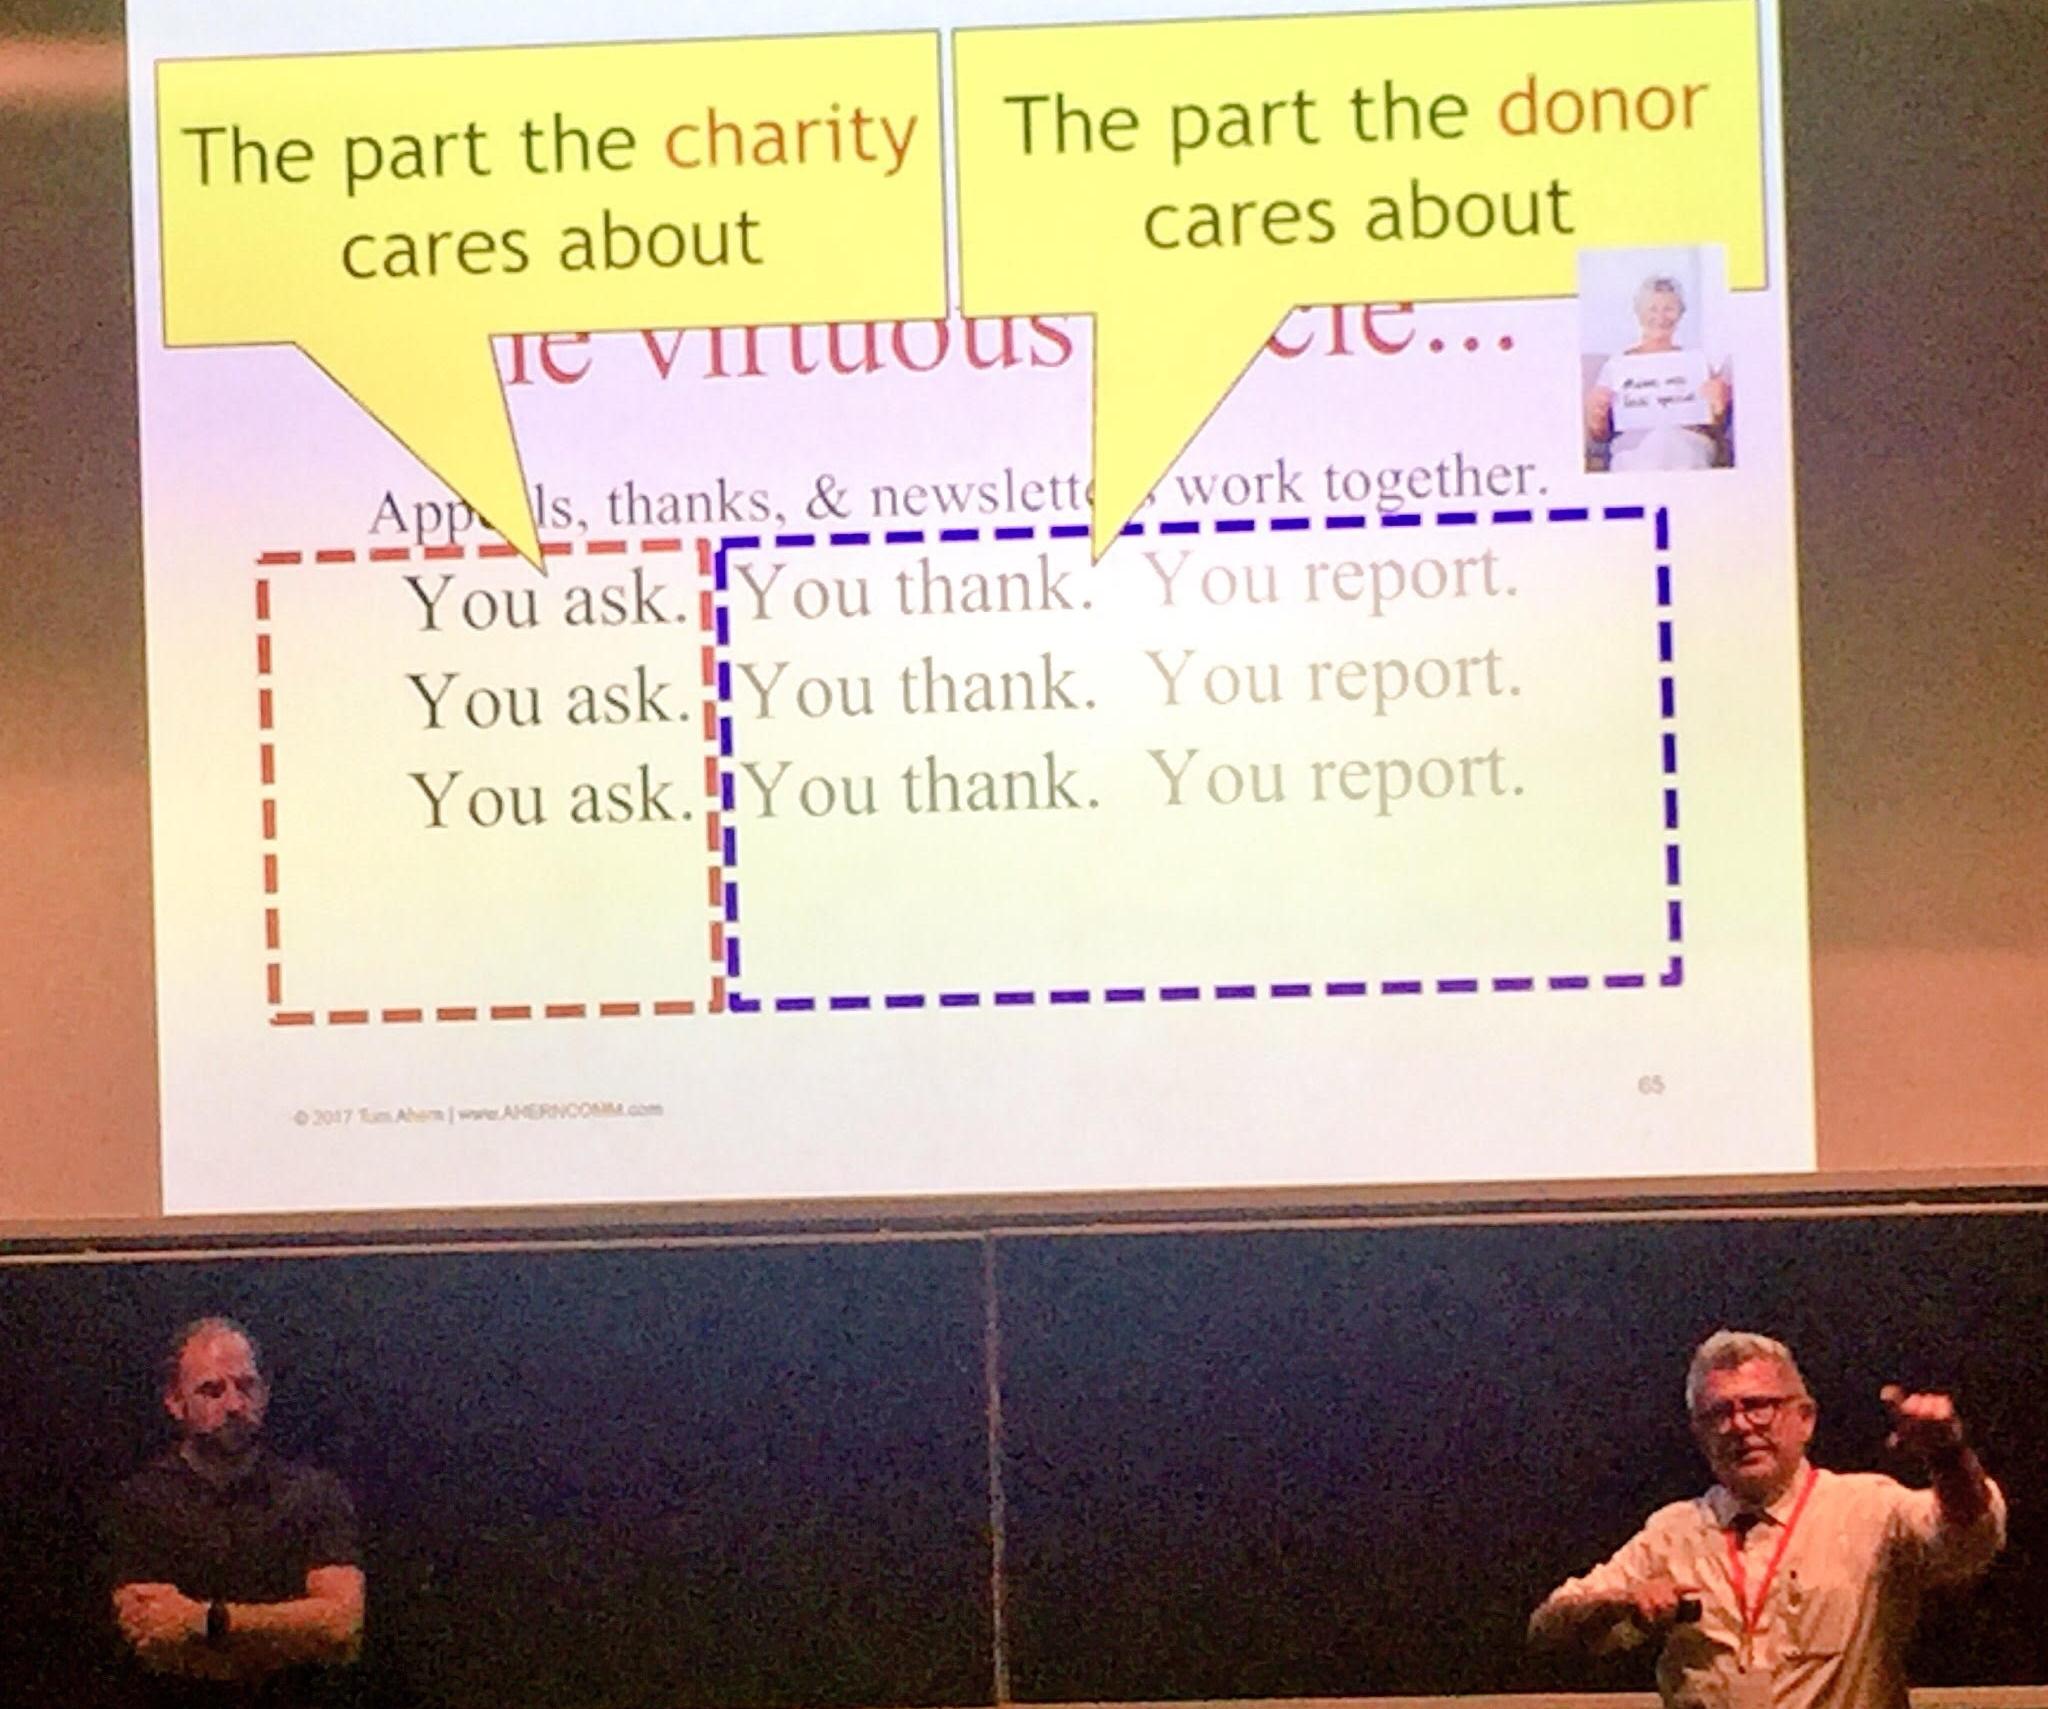 Tom Ahern (r) in actie tijdens de Fundraising Summer School (2017) in Dublin. Samen met John Lepp.